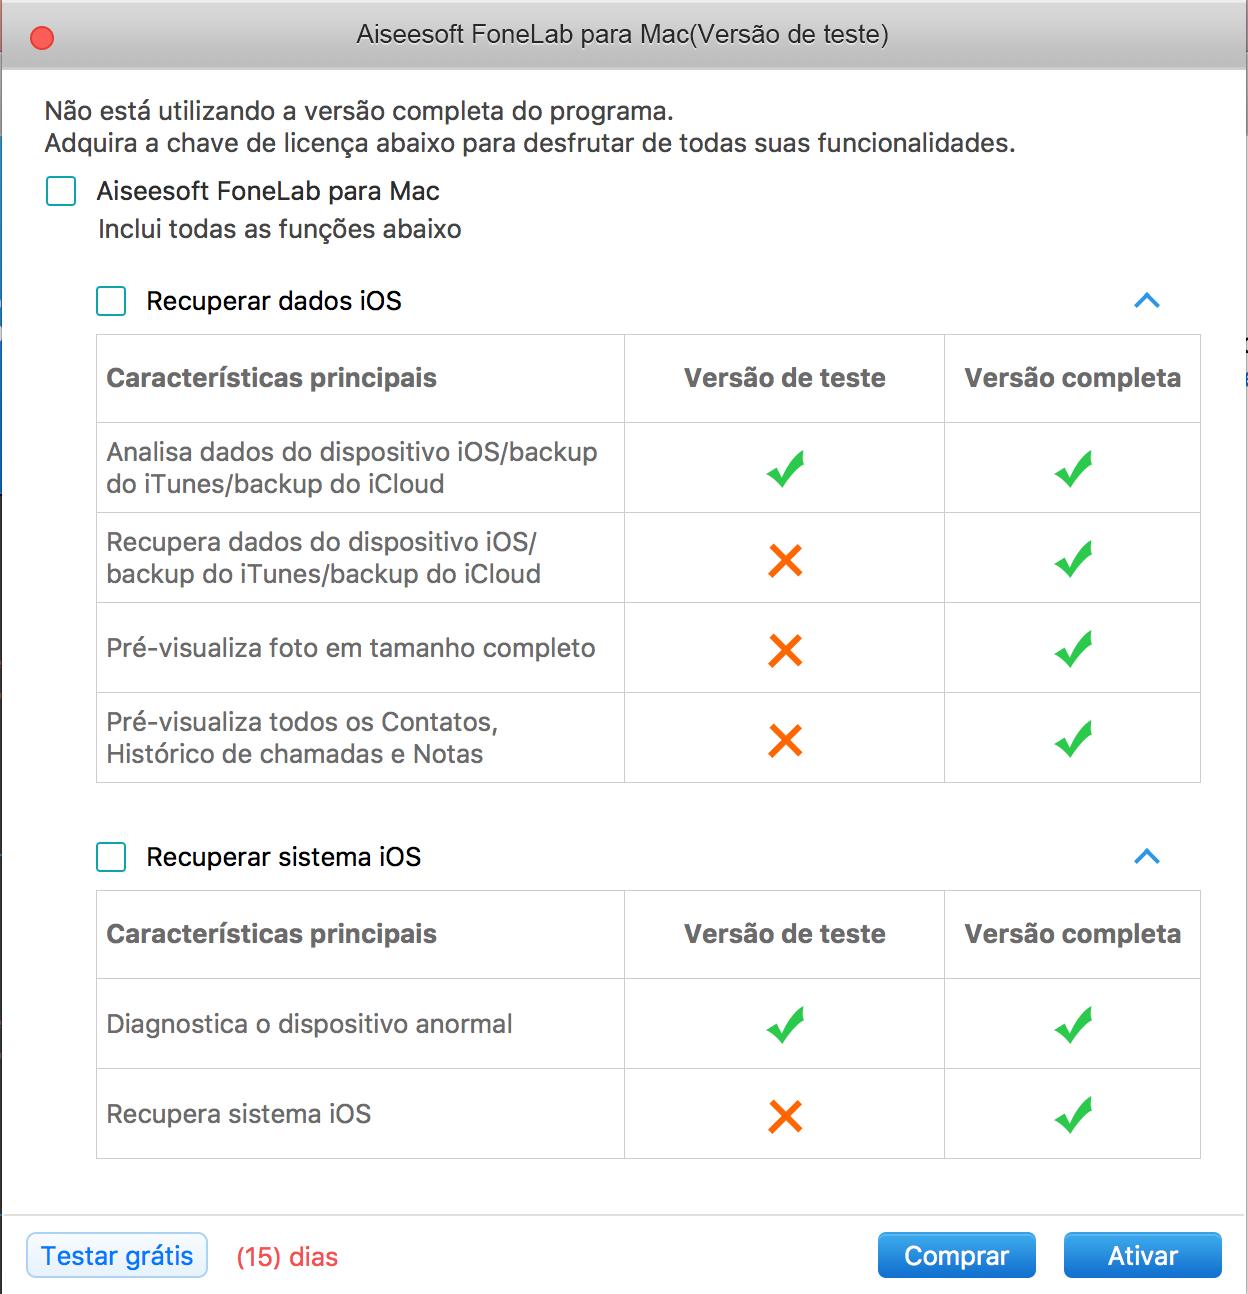 Tela de início do FoneLab System Repair para Mac